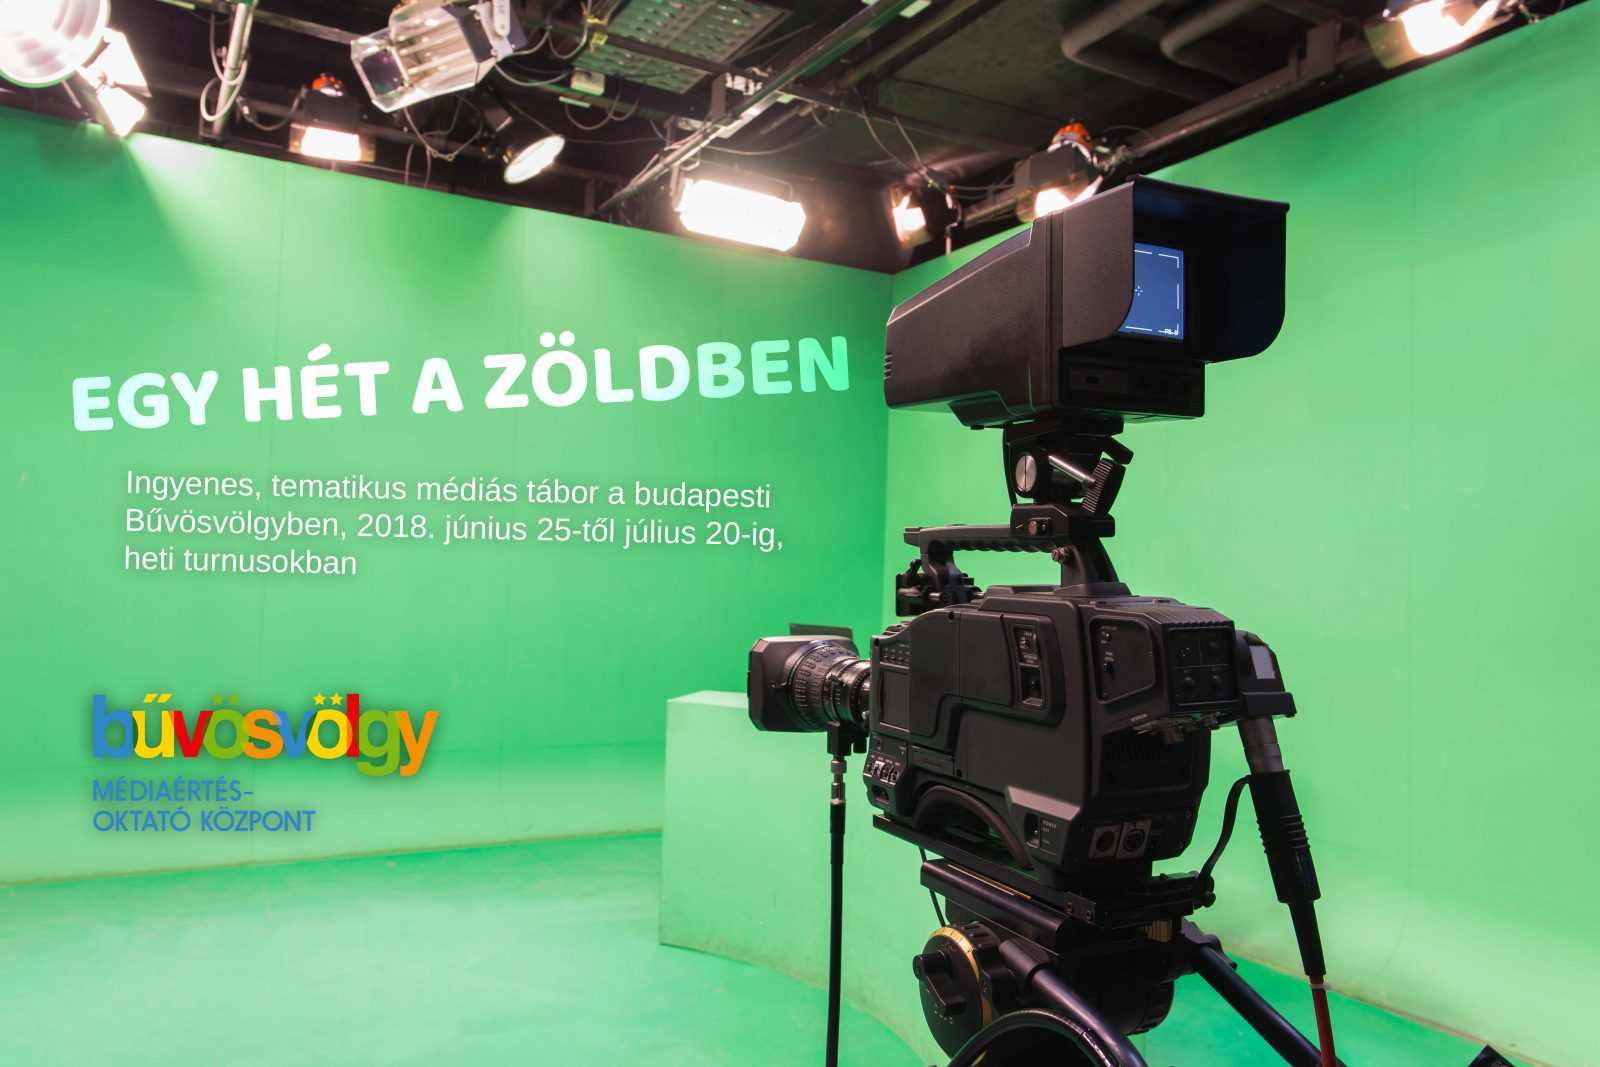 """Egy hét a """"zöldben"""" – Ingyenes médiás tábor a Bűvösvölgyben"""